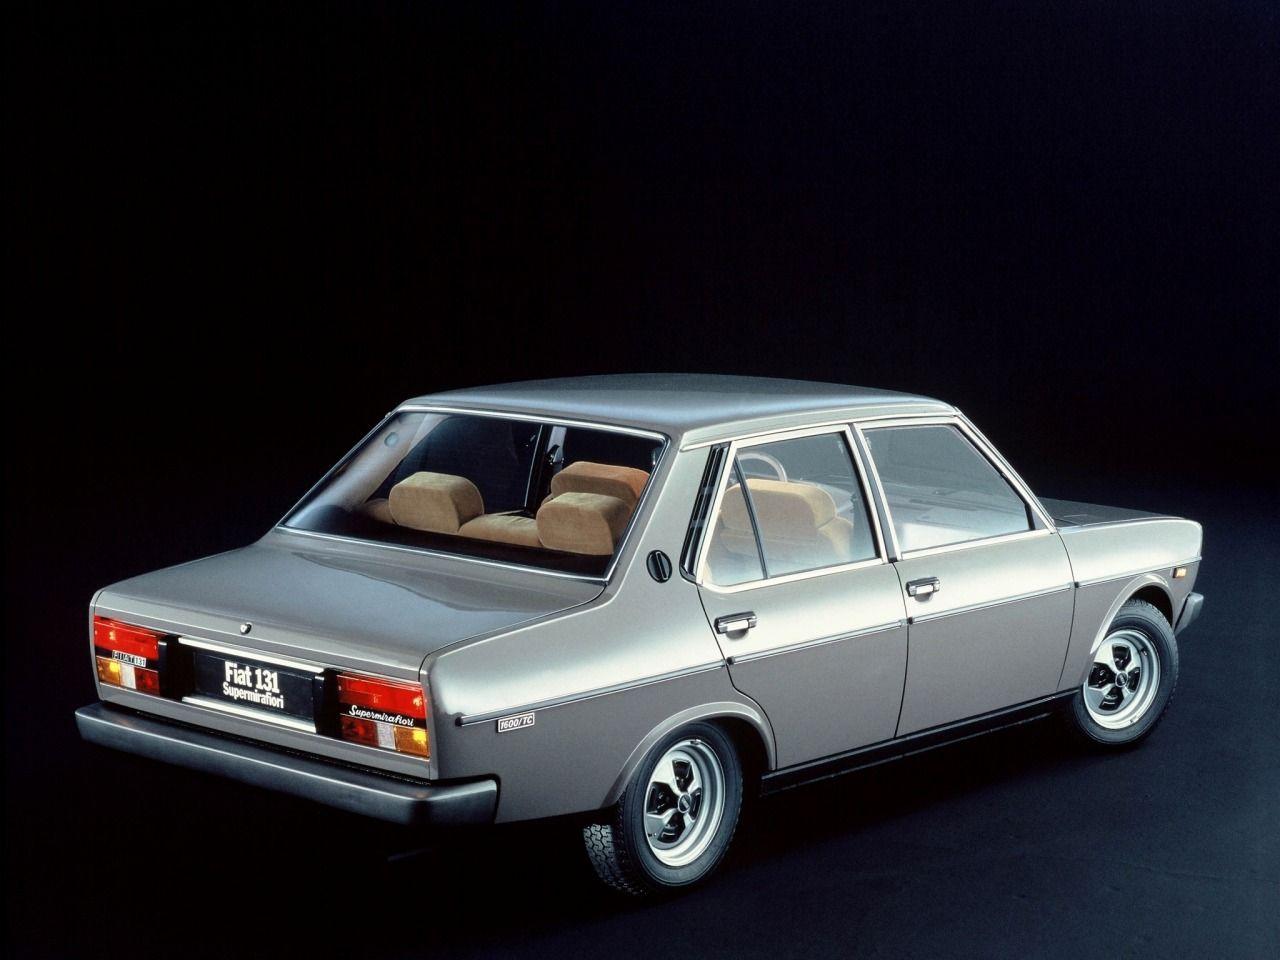 Fiat 131 Supermirafiori 1600tc Vecchie Auto Automobile Auto